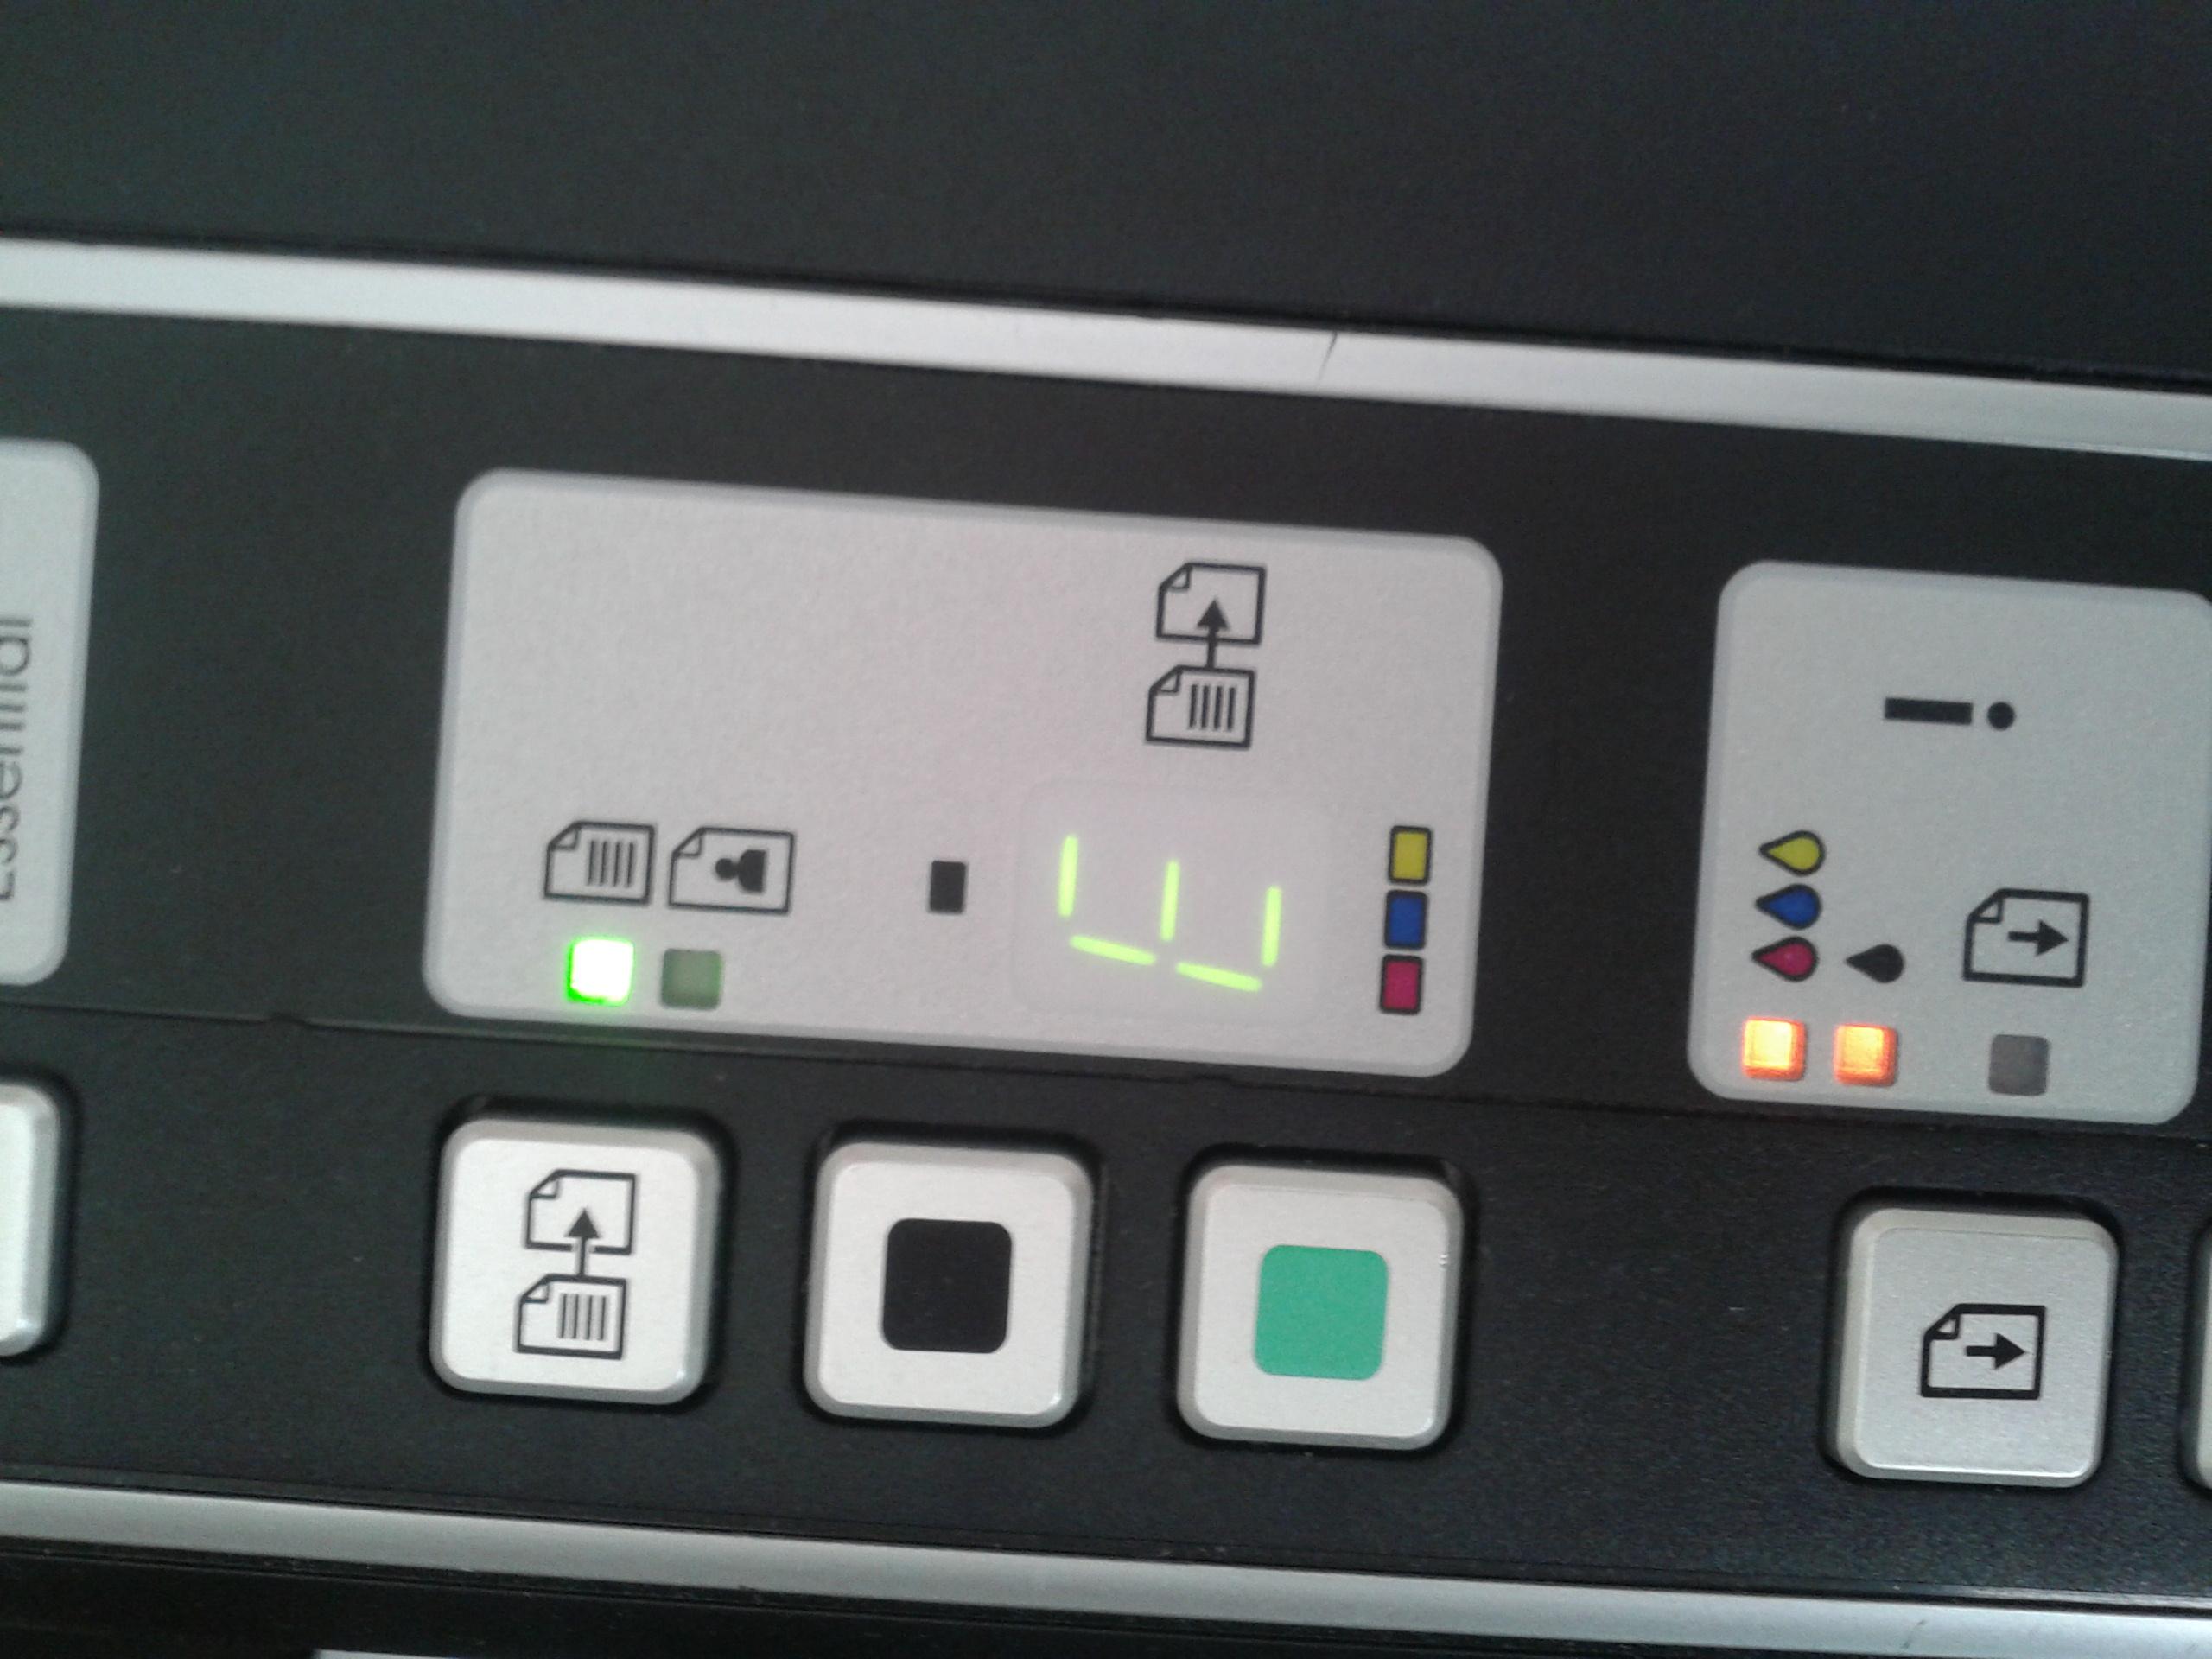 Drukarka HP Deskjet F4180 nie kseruje.